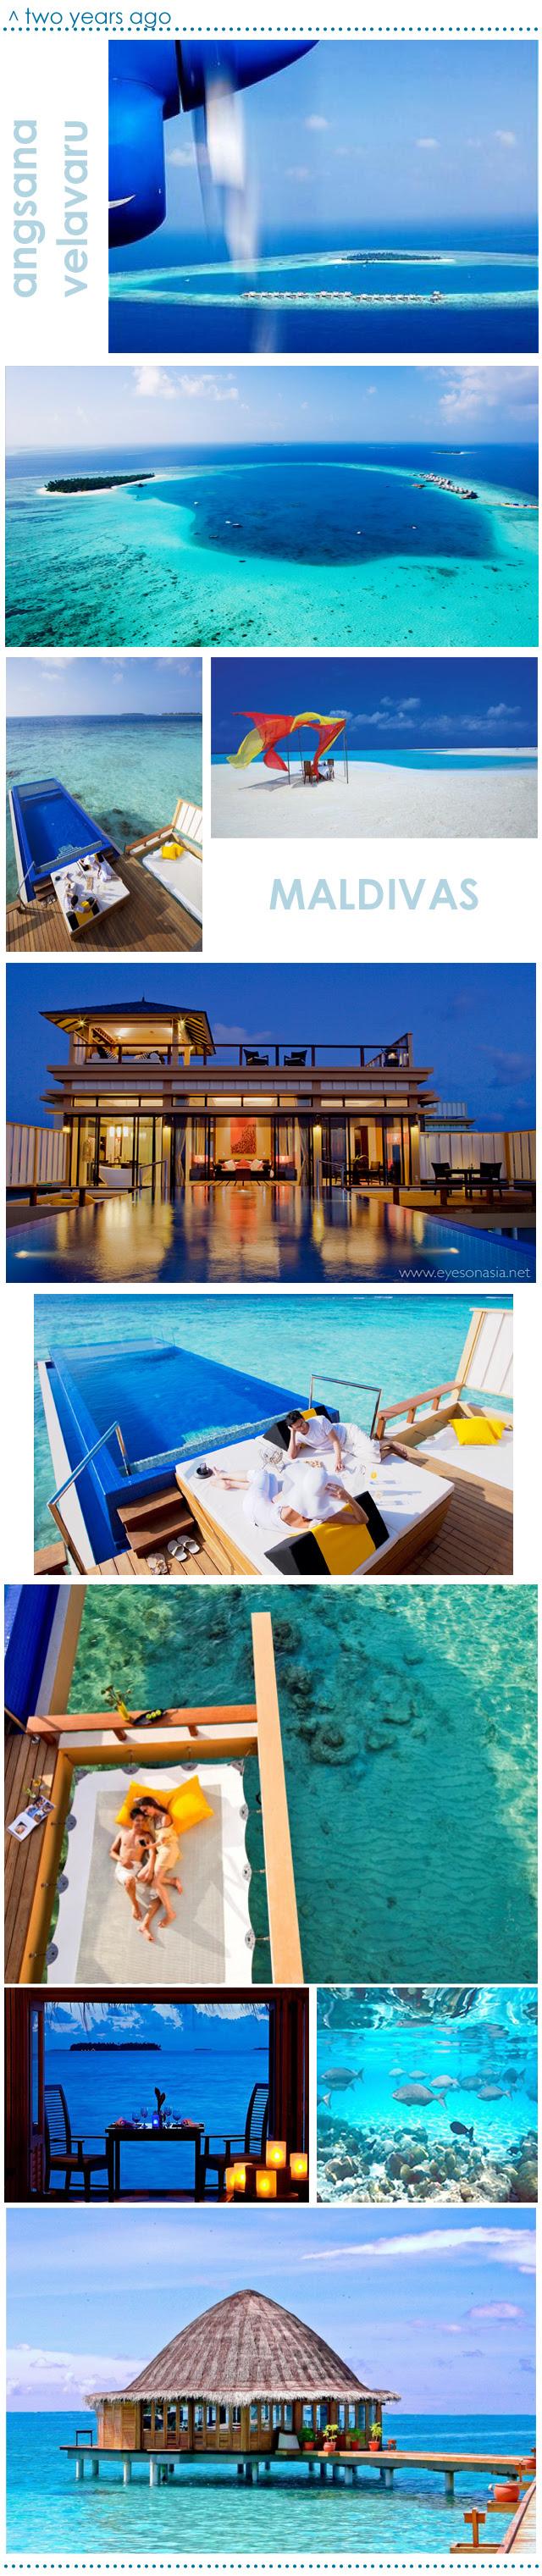 viaje_novios-maldivas-angsana_velavaru-vintage_rustico_moderno-minimalista-proyectos_creativos-just-married-tres_studio-interiorismo-decoracion-reformas-desestresate-decoracion_azul-